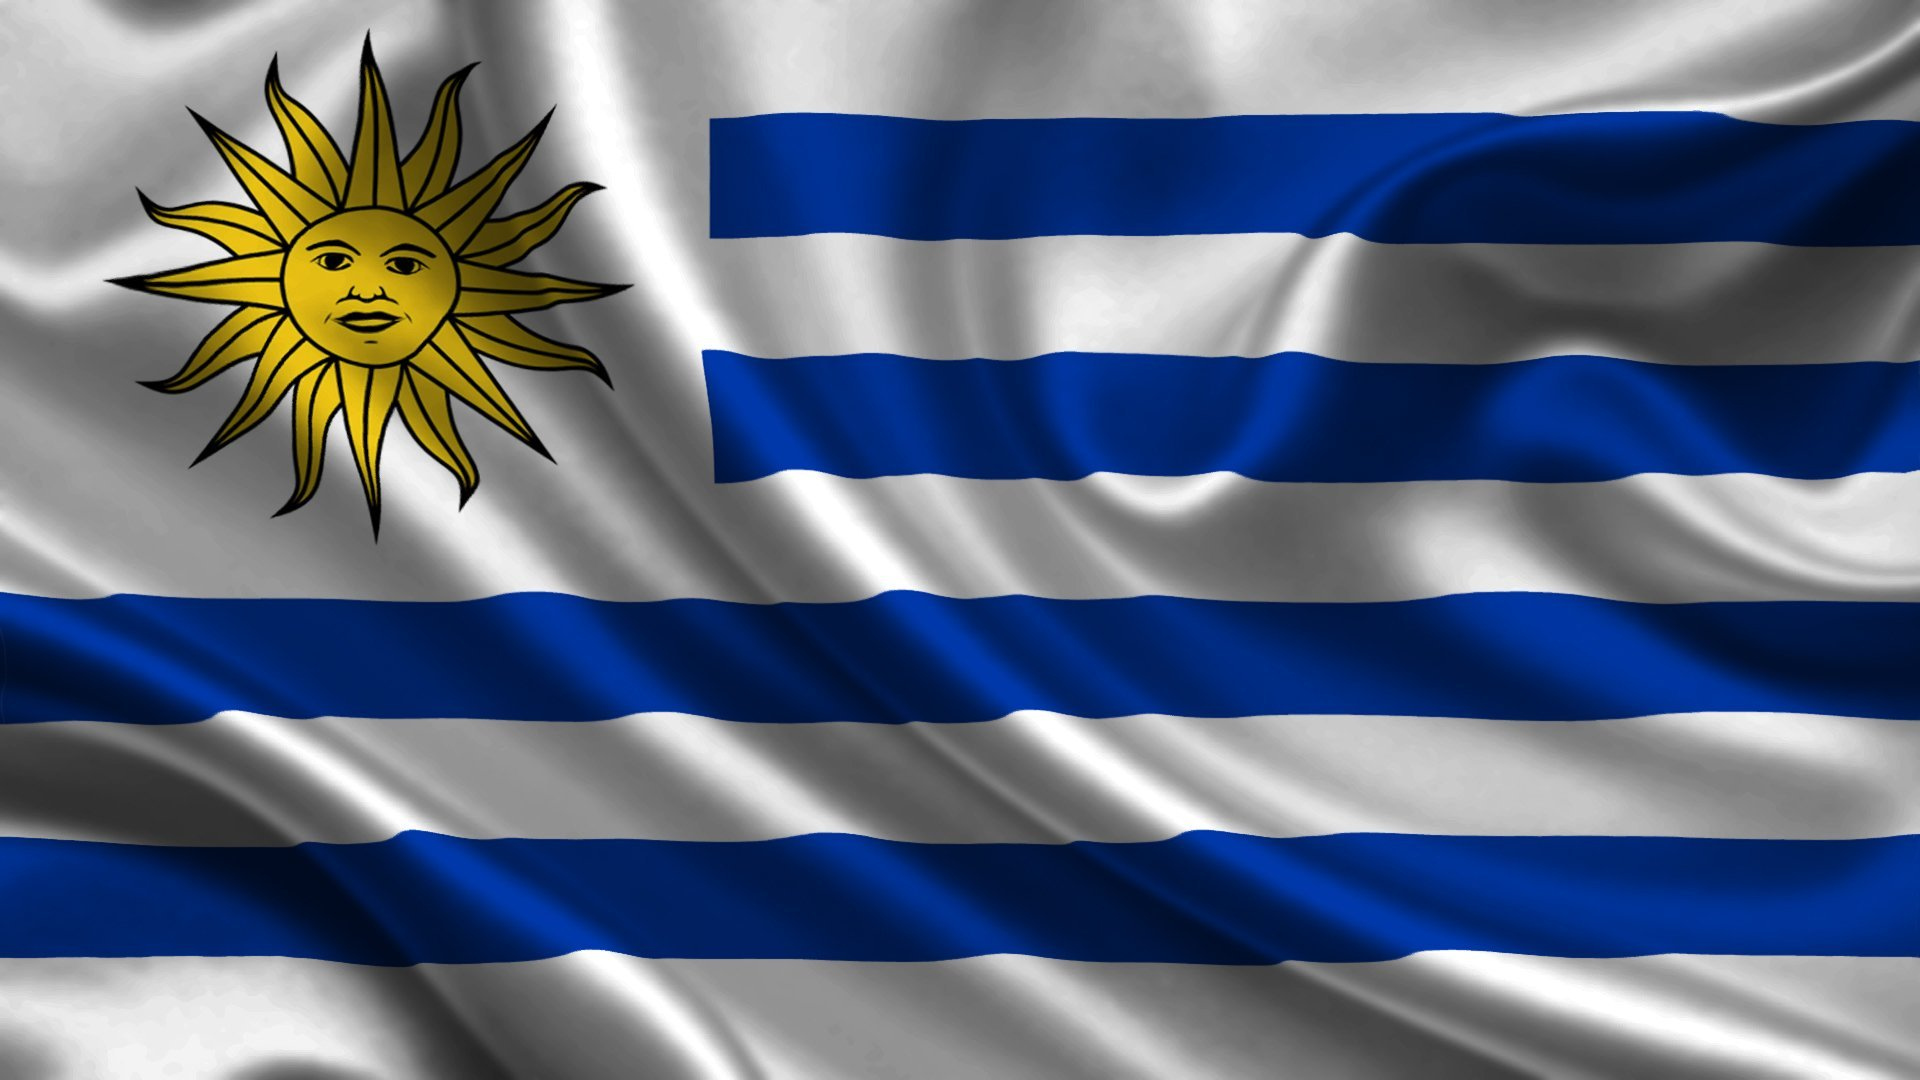 uruguay flag HD wallpaper 1920x1080